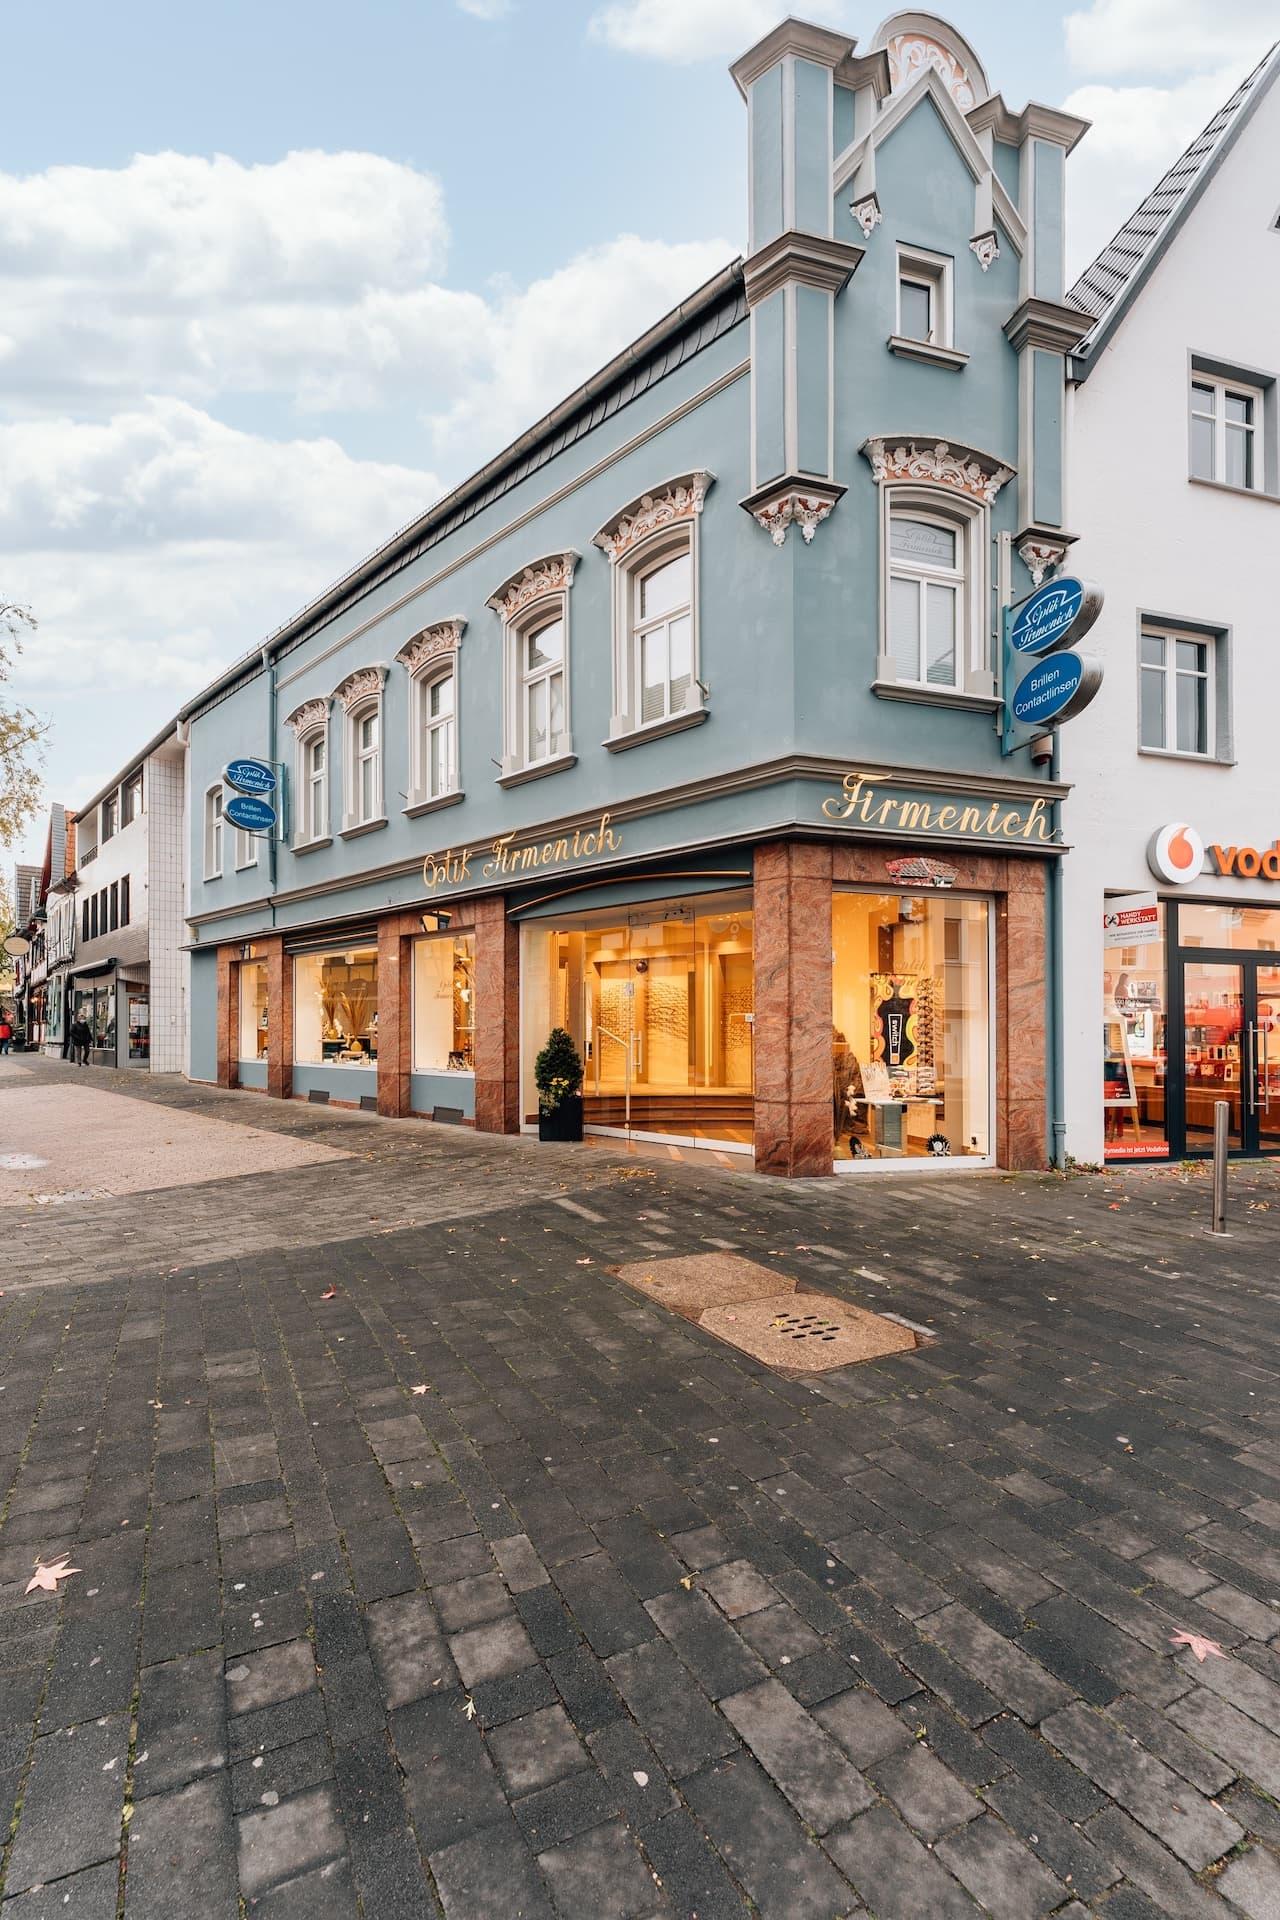 Optik Firmenich Rheinbach Laden Eingang Ansicht